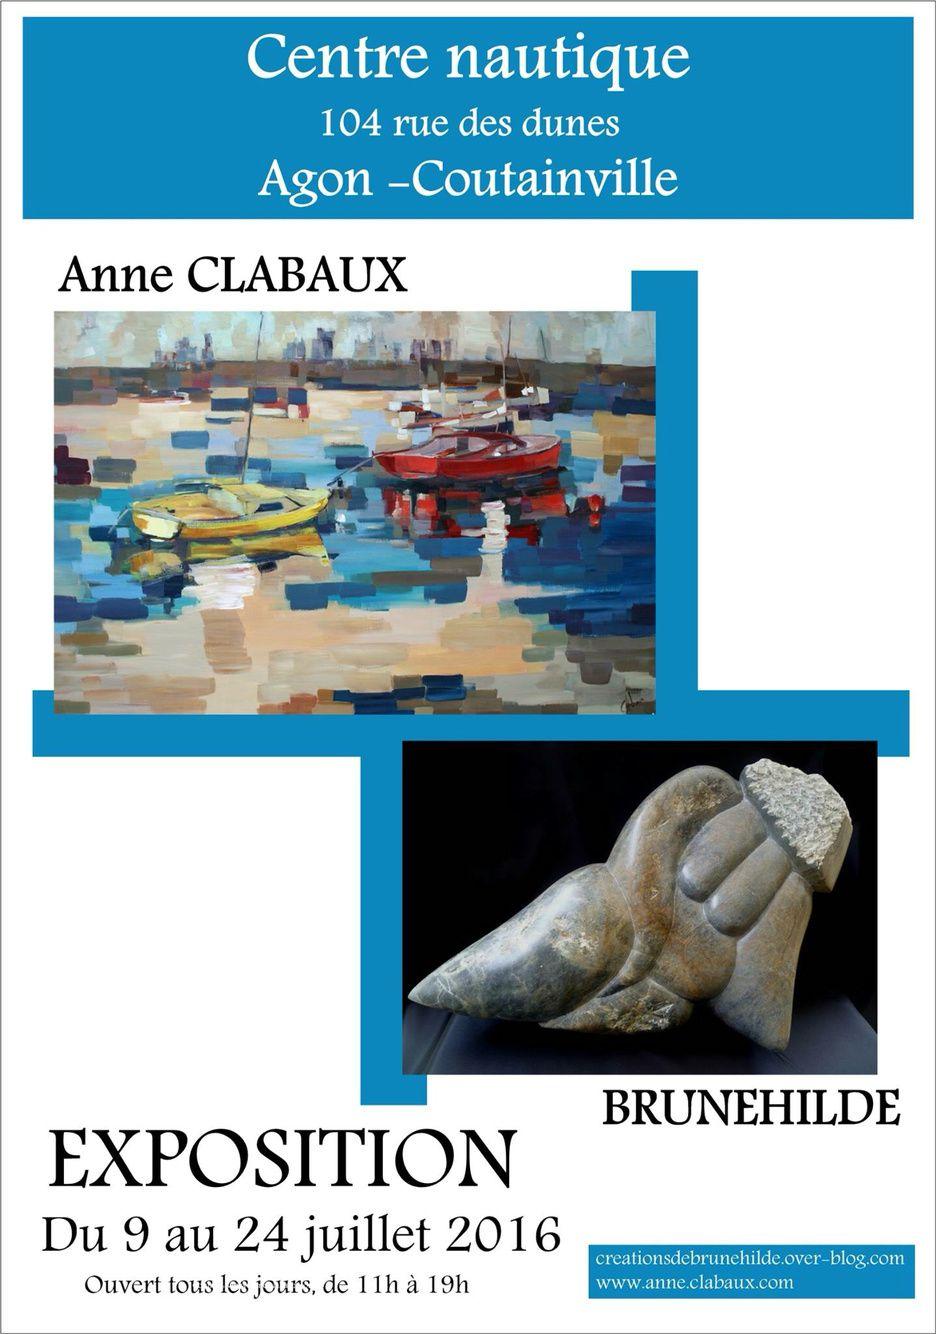 Brunehilde (sculptures) et Anne Clabaux (peintures) exposent au Centre Nautique d'Agon-Coutainville du 9 au 24 juillet 2016. 11h à 19h